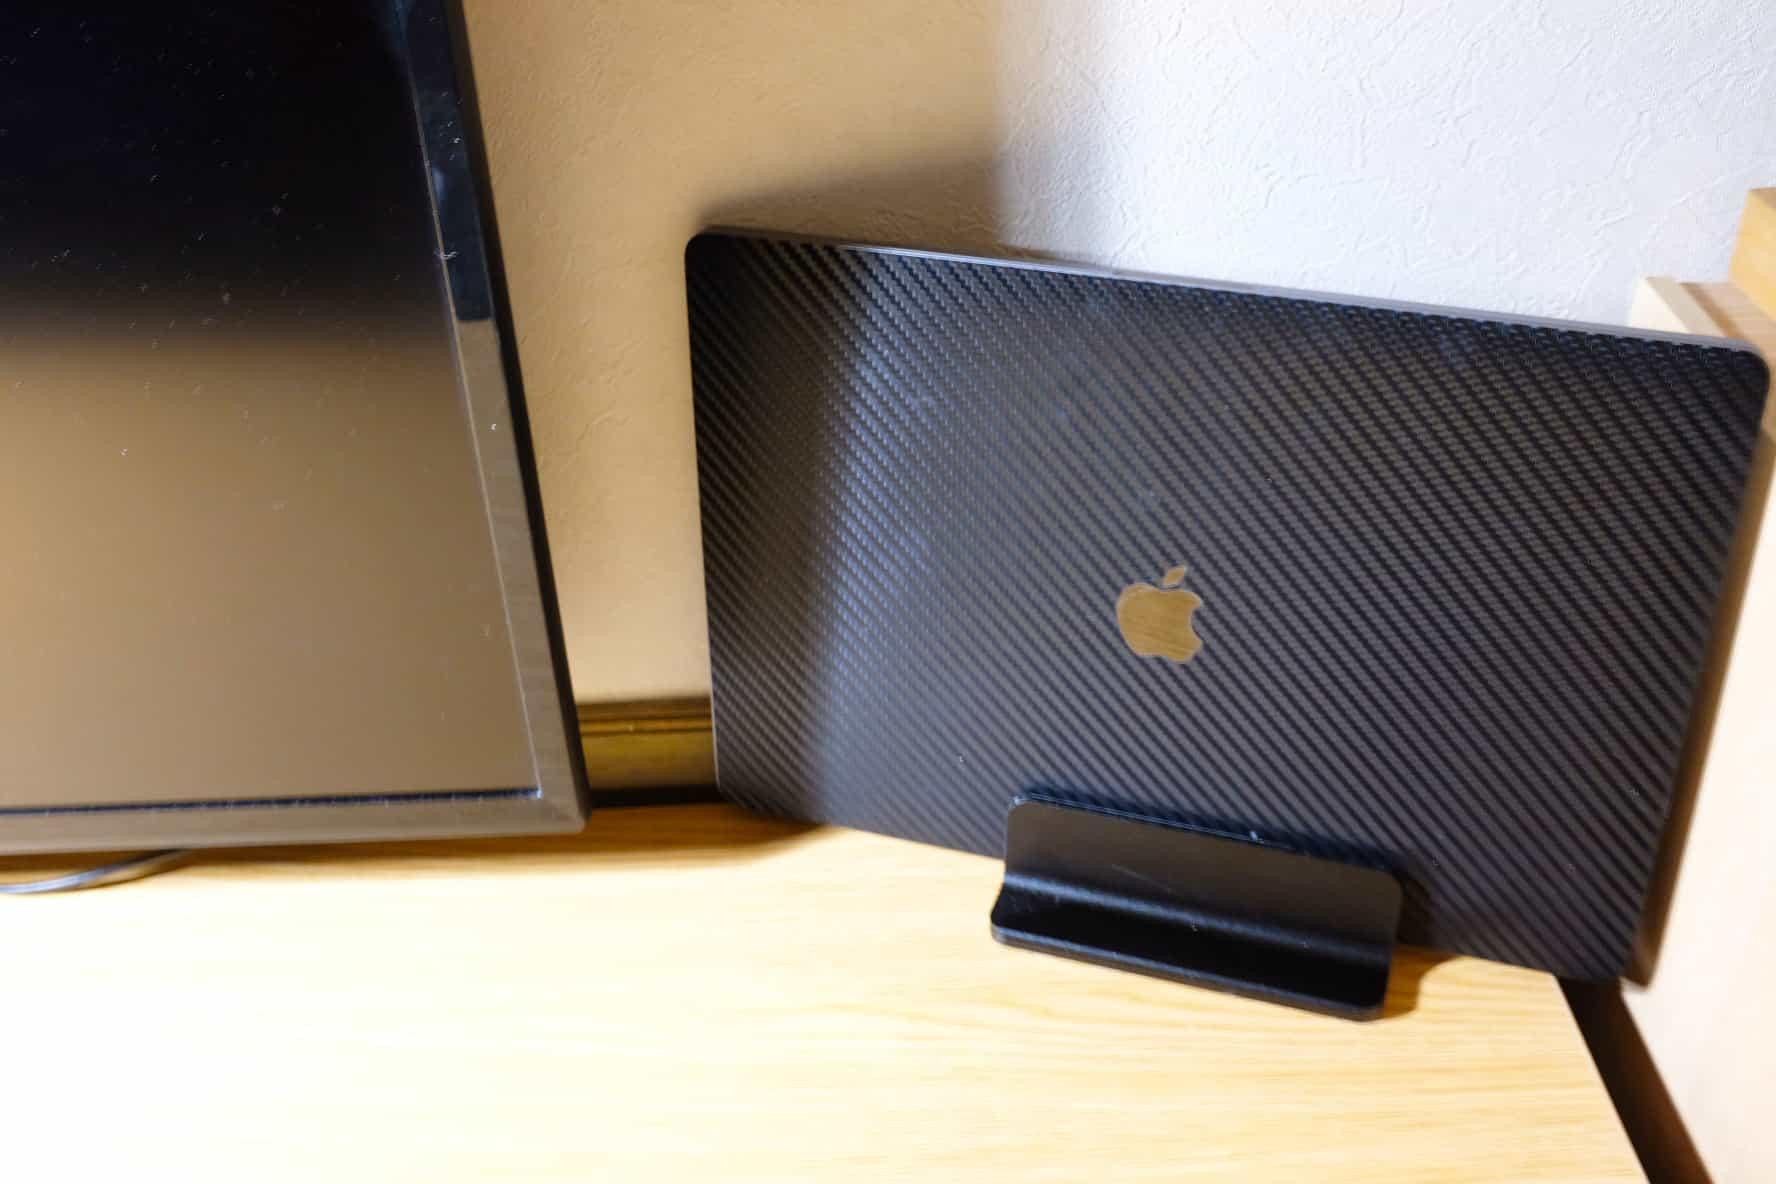 これからも16インチ MacBook Proを使っていくし、使っている人も大好きだ